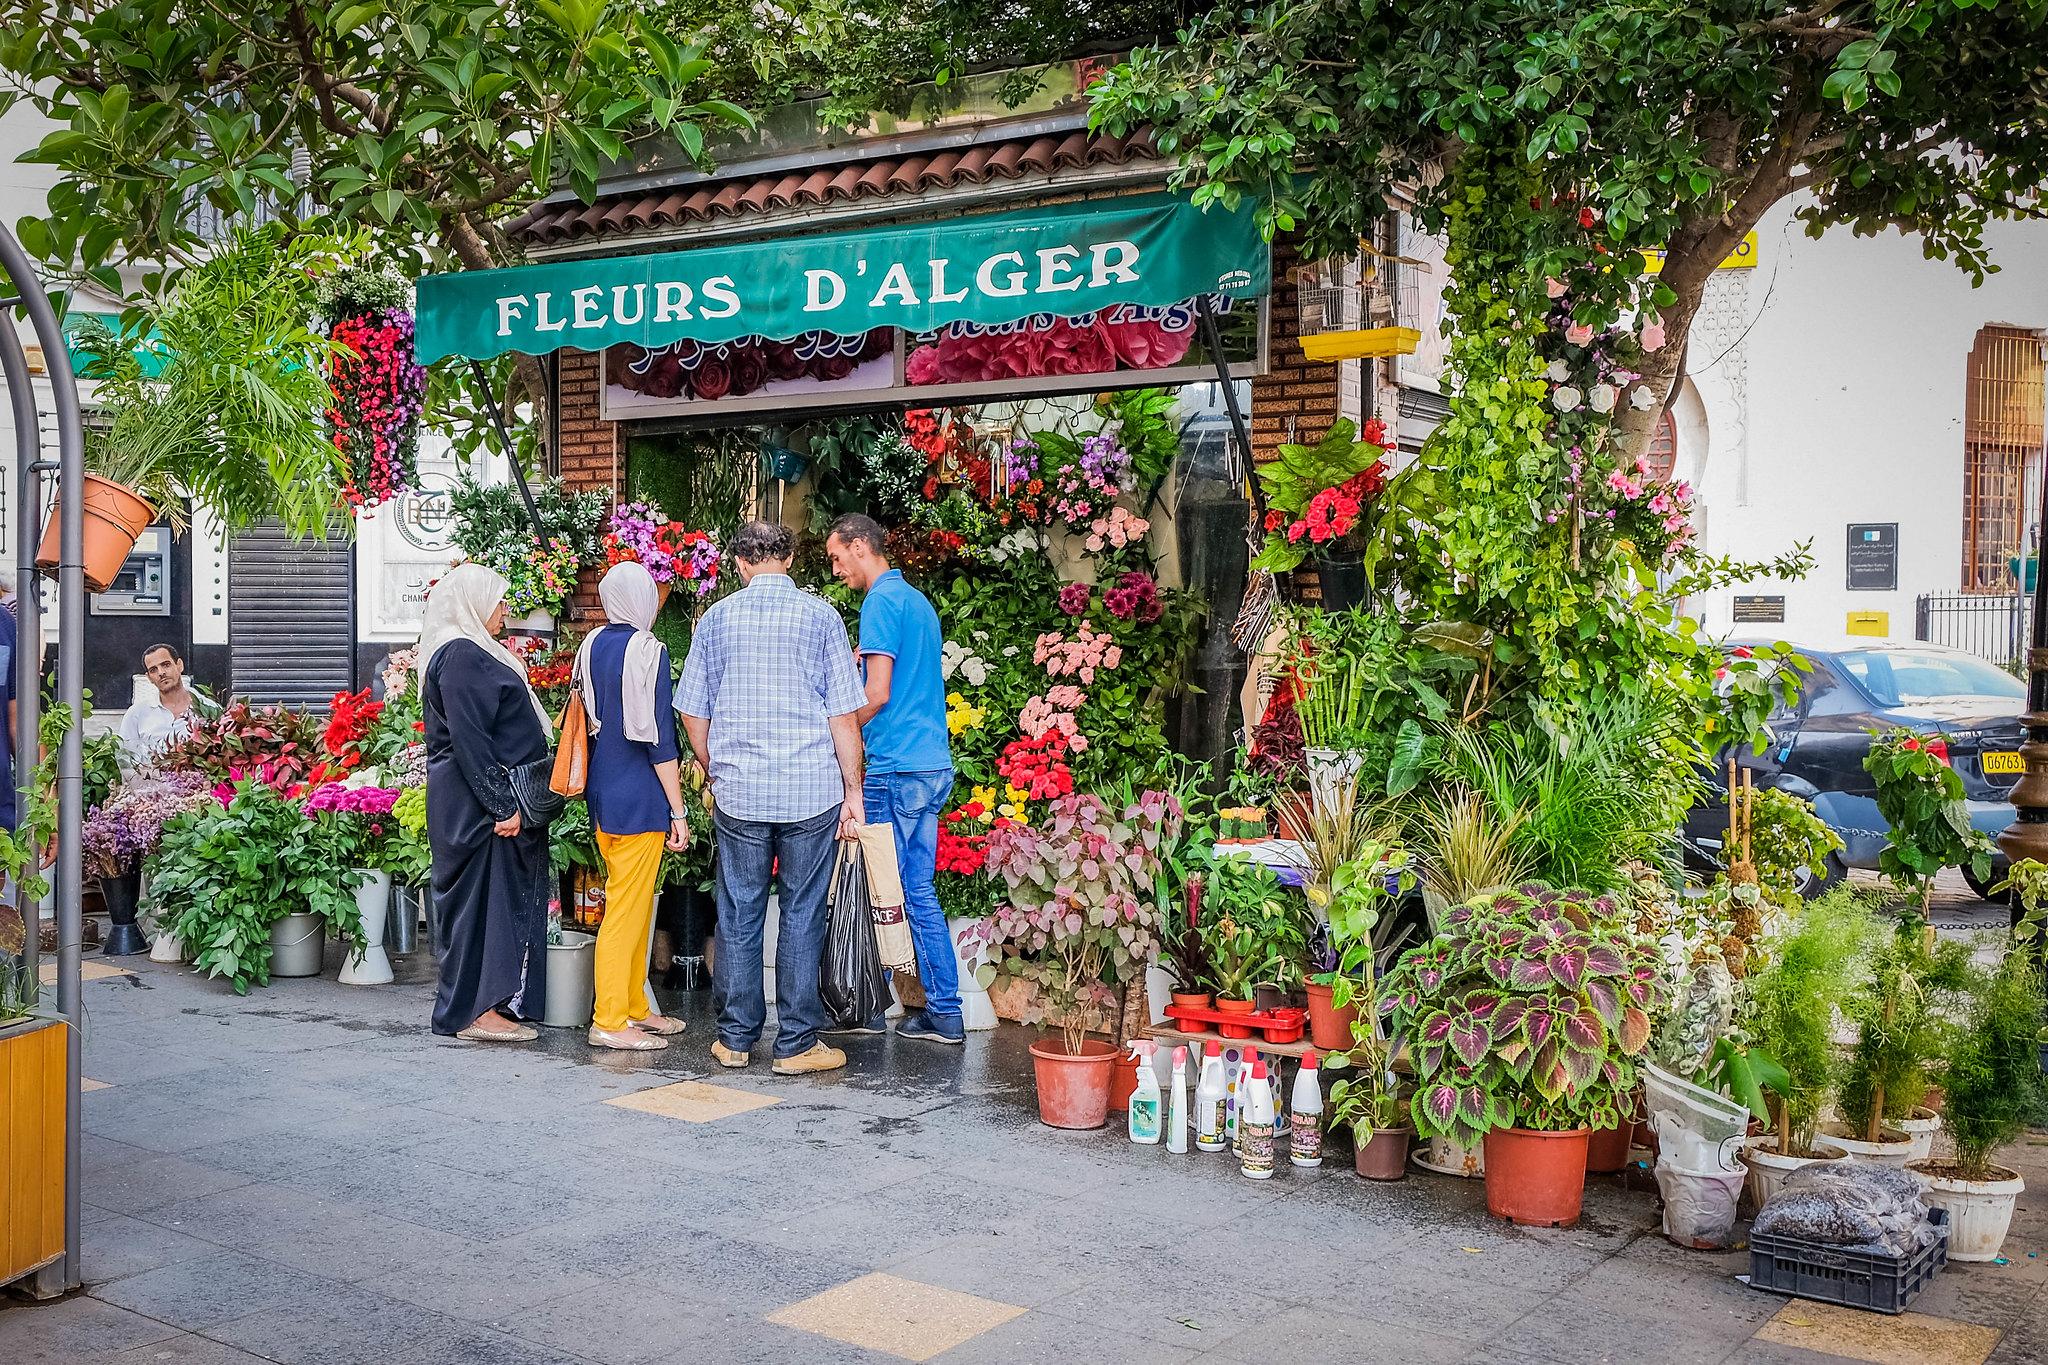 Fleurs D'Alger